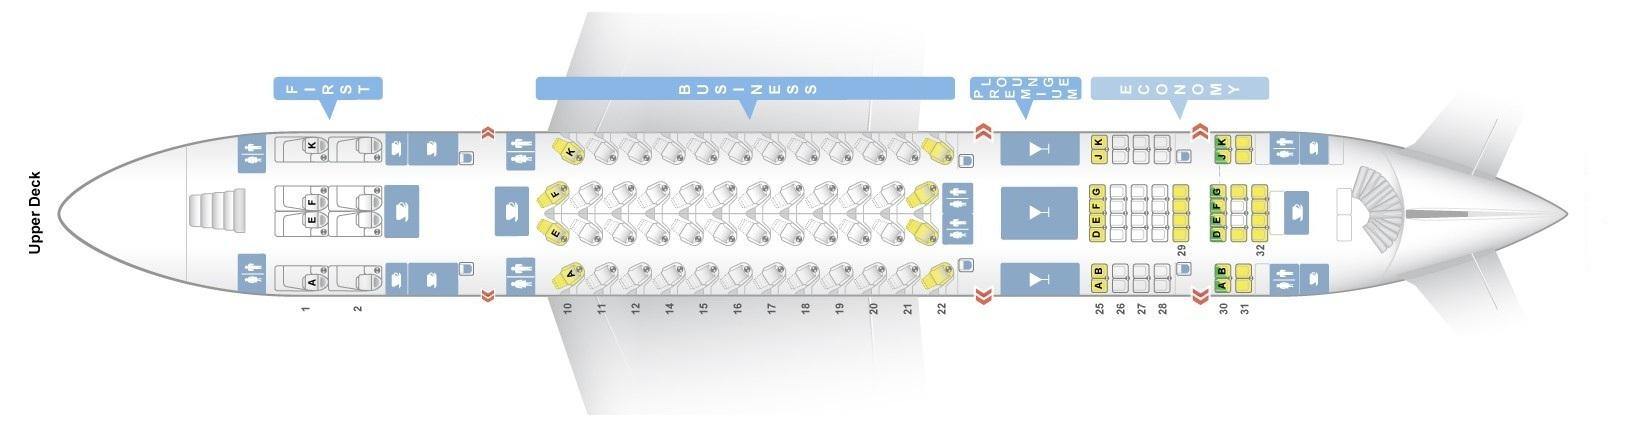 qatar_airways_airbus_a380_u